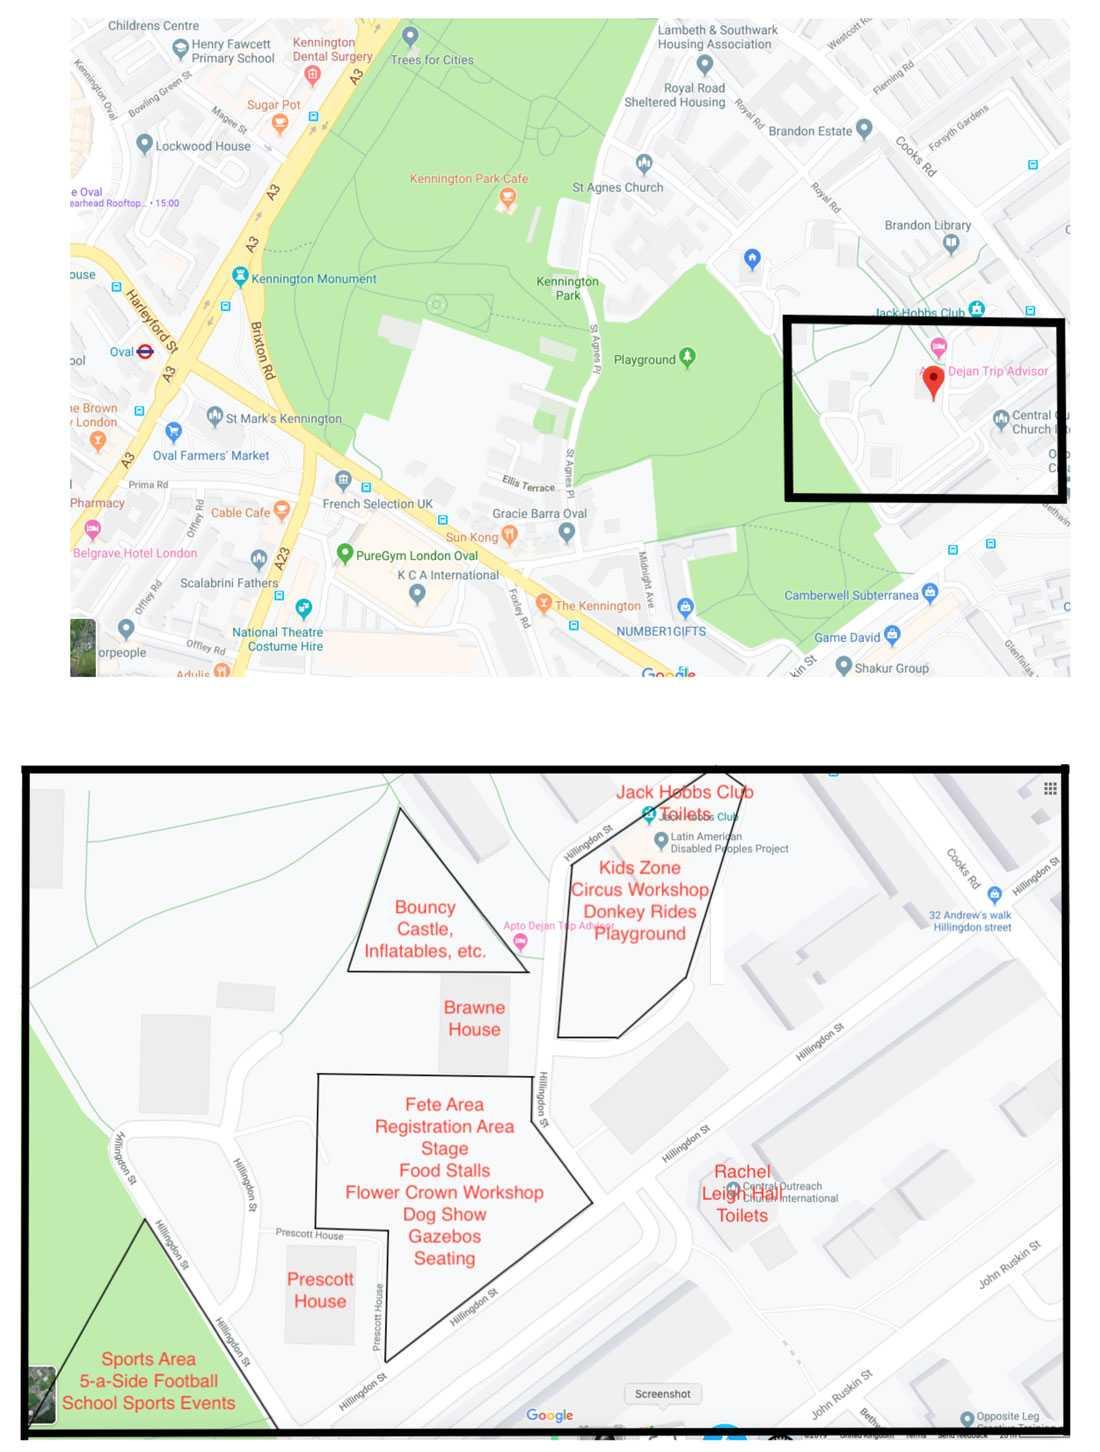 Summer-Fete-Map-New-01-02-1100x